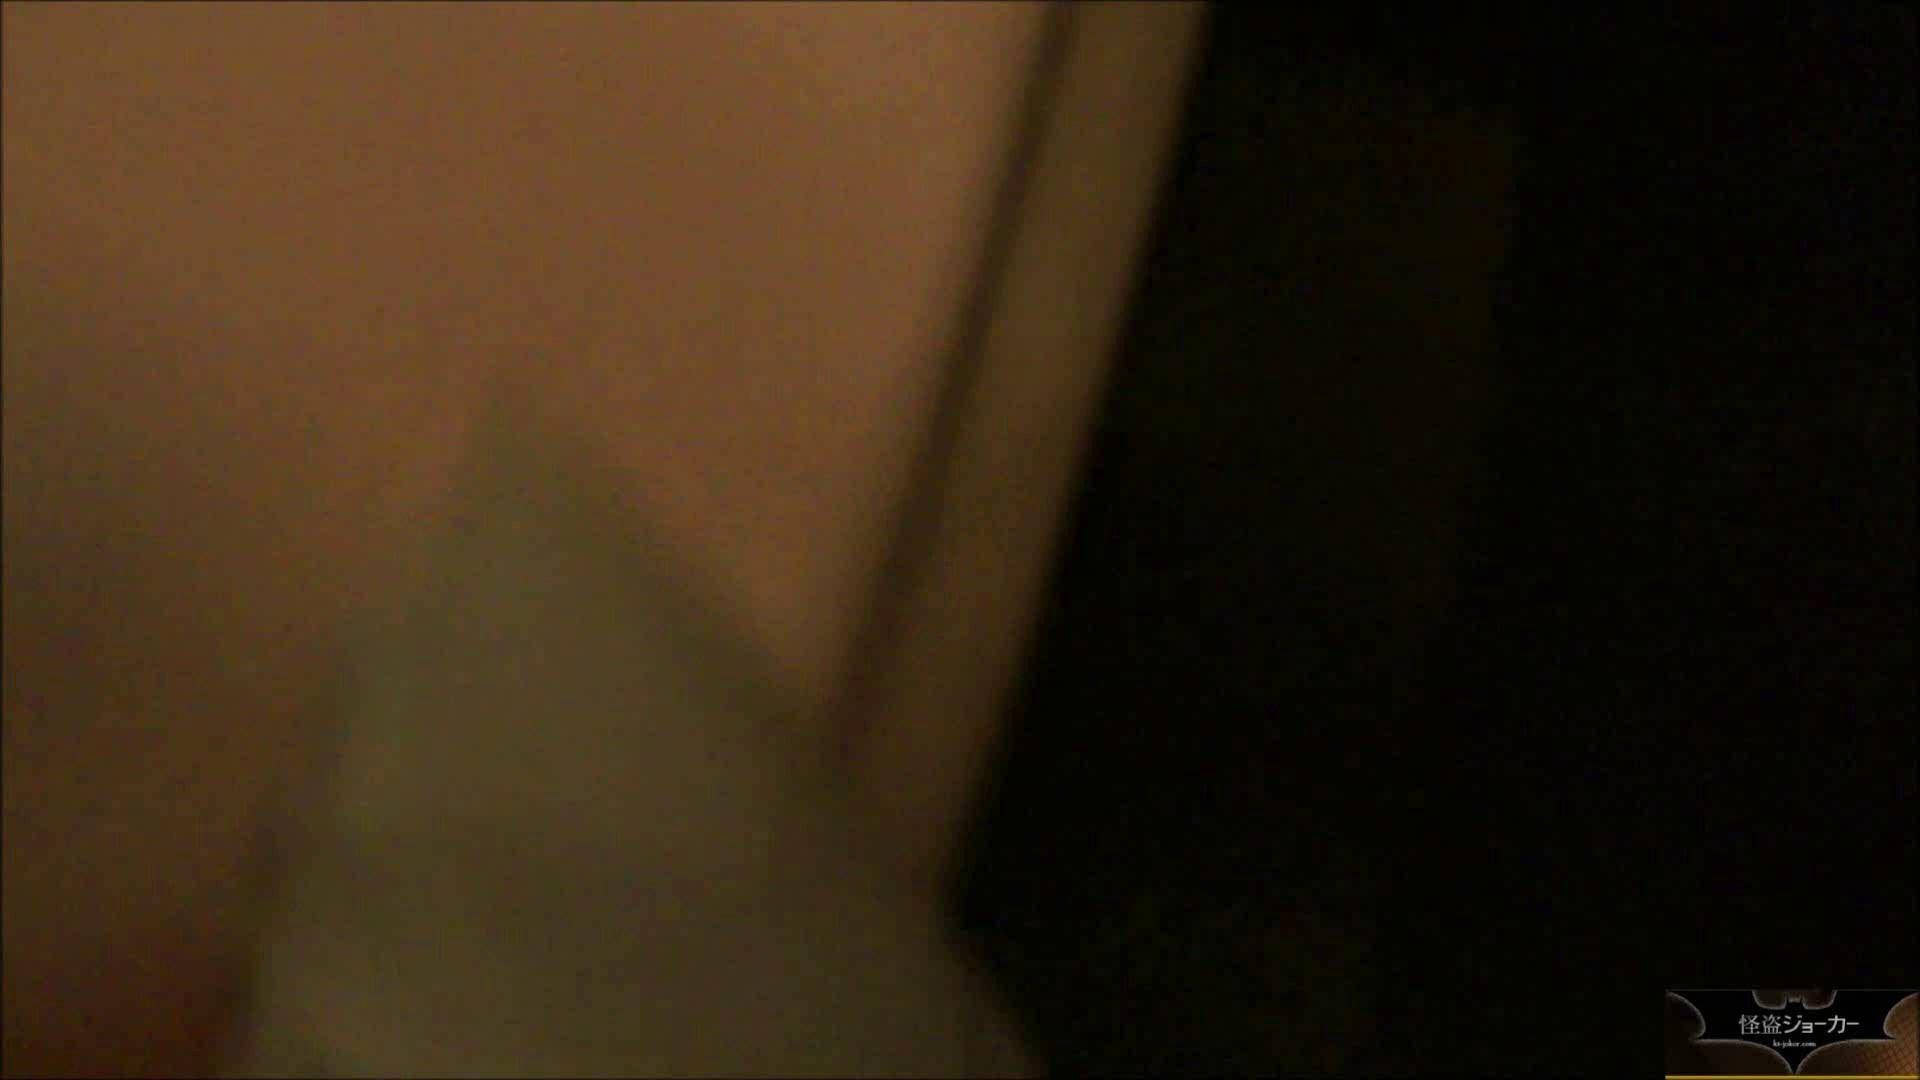 【未公開】vol.33 【援助】朋葉ちゃん、潮吹き、乱れ・・・ フェラ・シーン すけべAV動画紹介 79枚 17